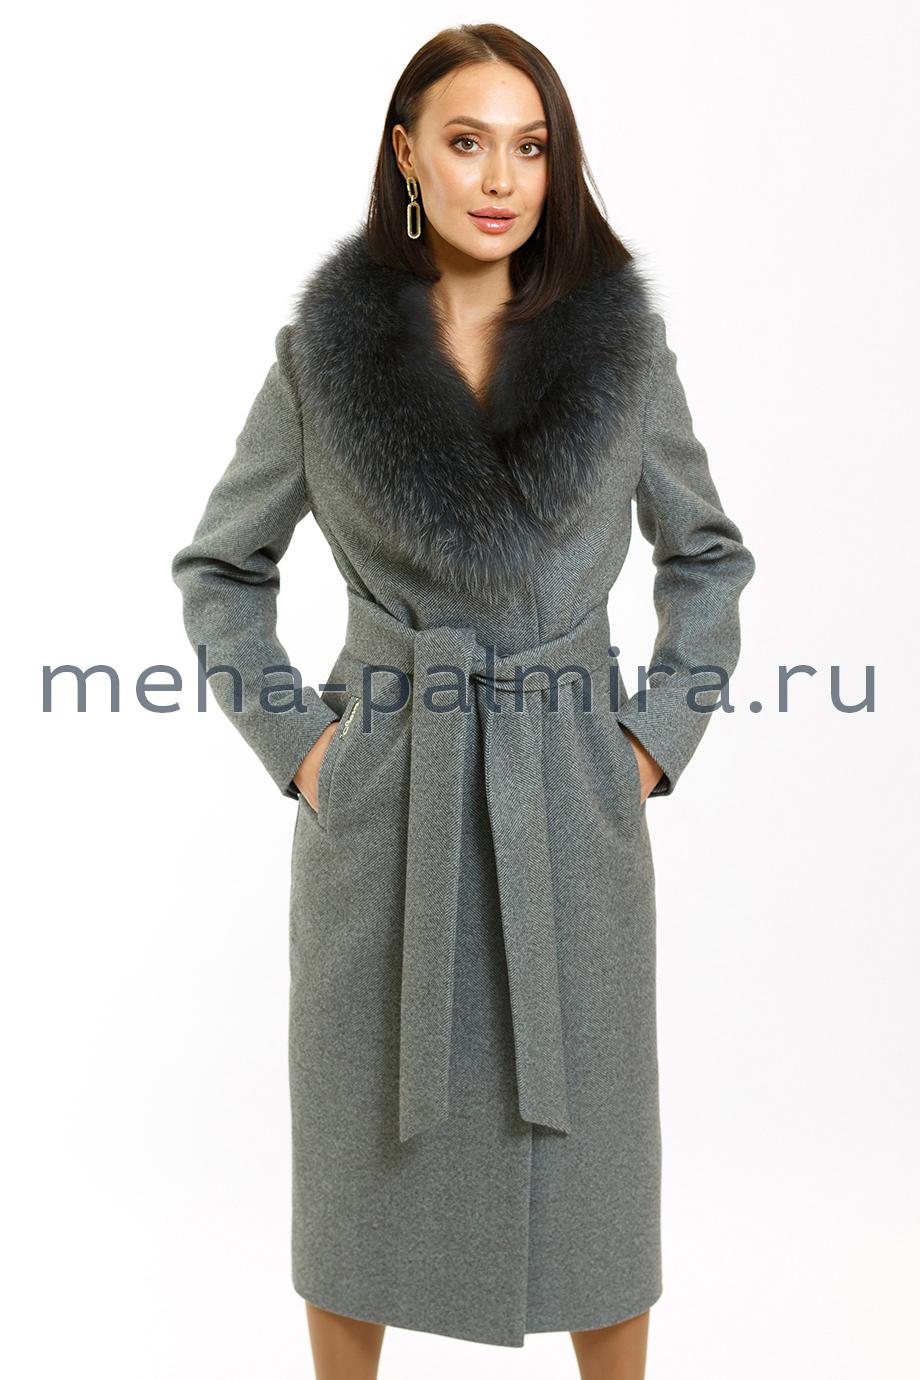 Пальто женское классическое утеплённое с мехом лисы